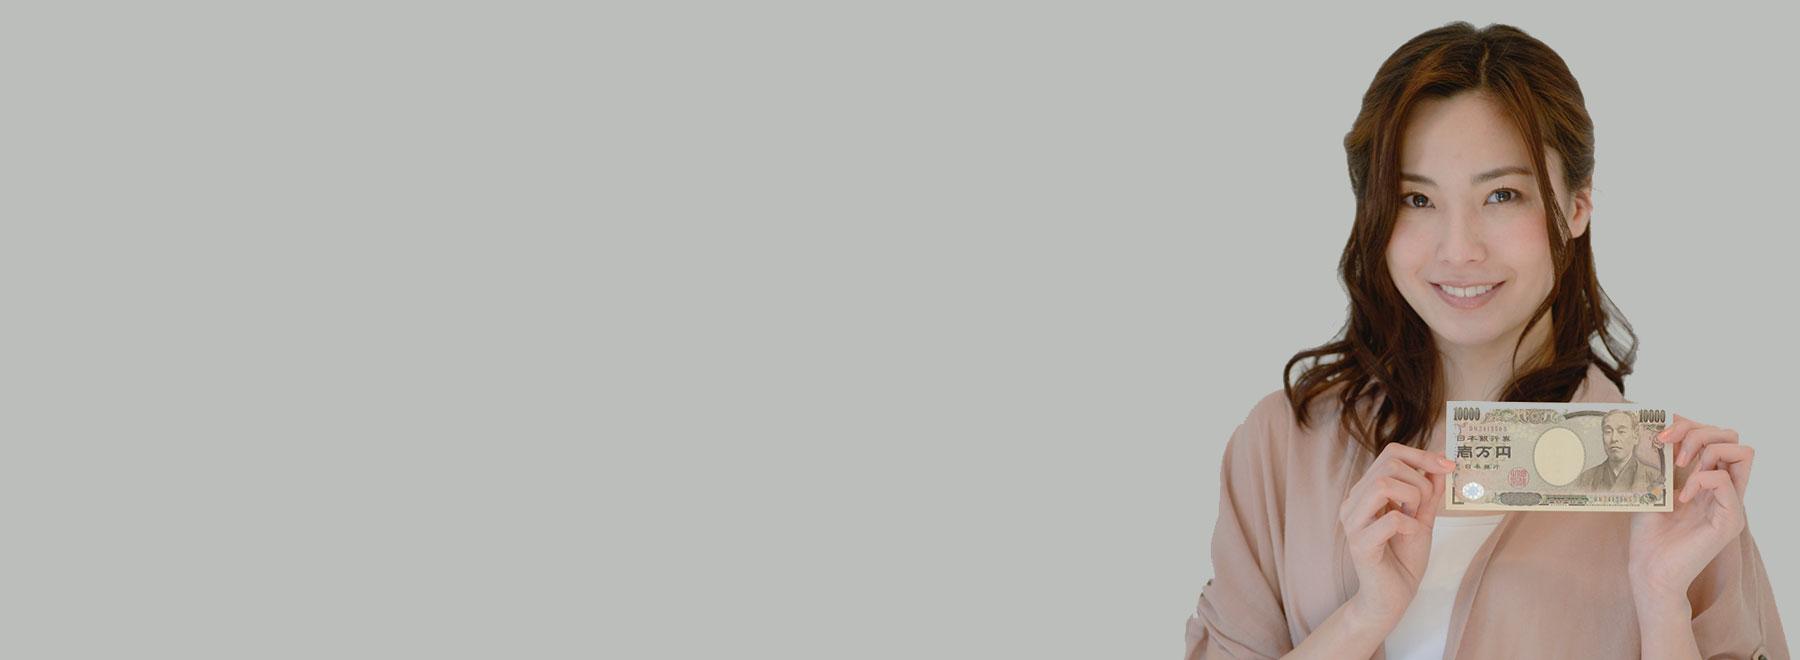 レディーウォレットのヘッダー画像